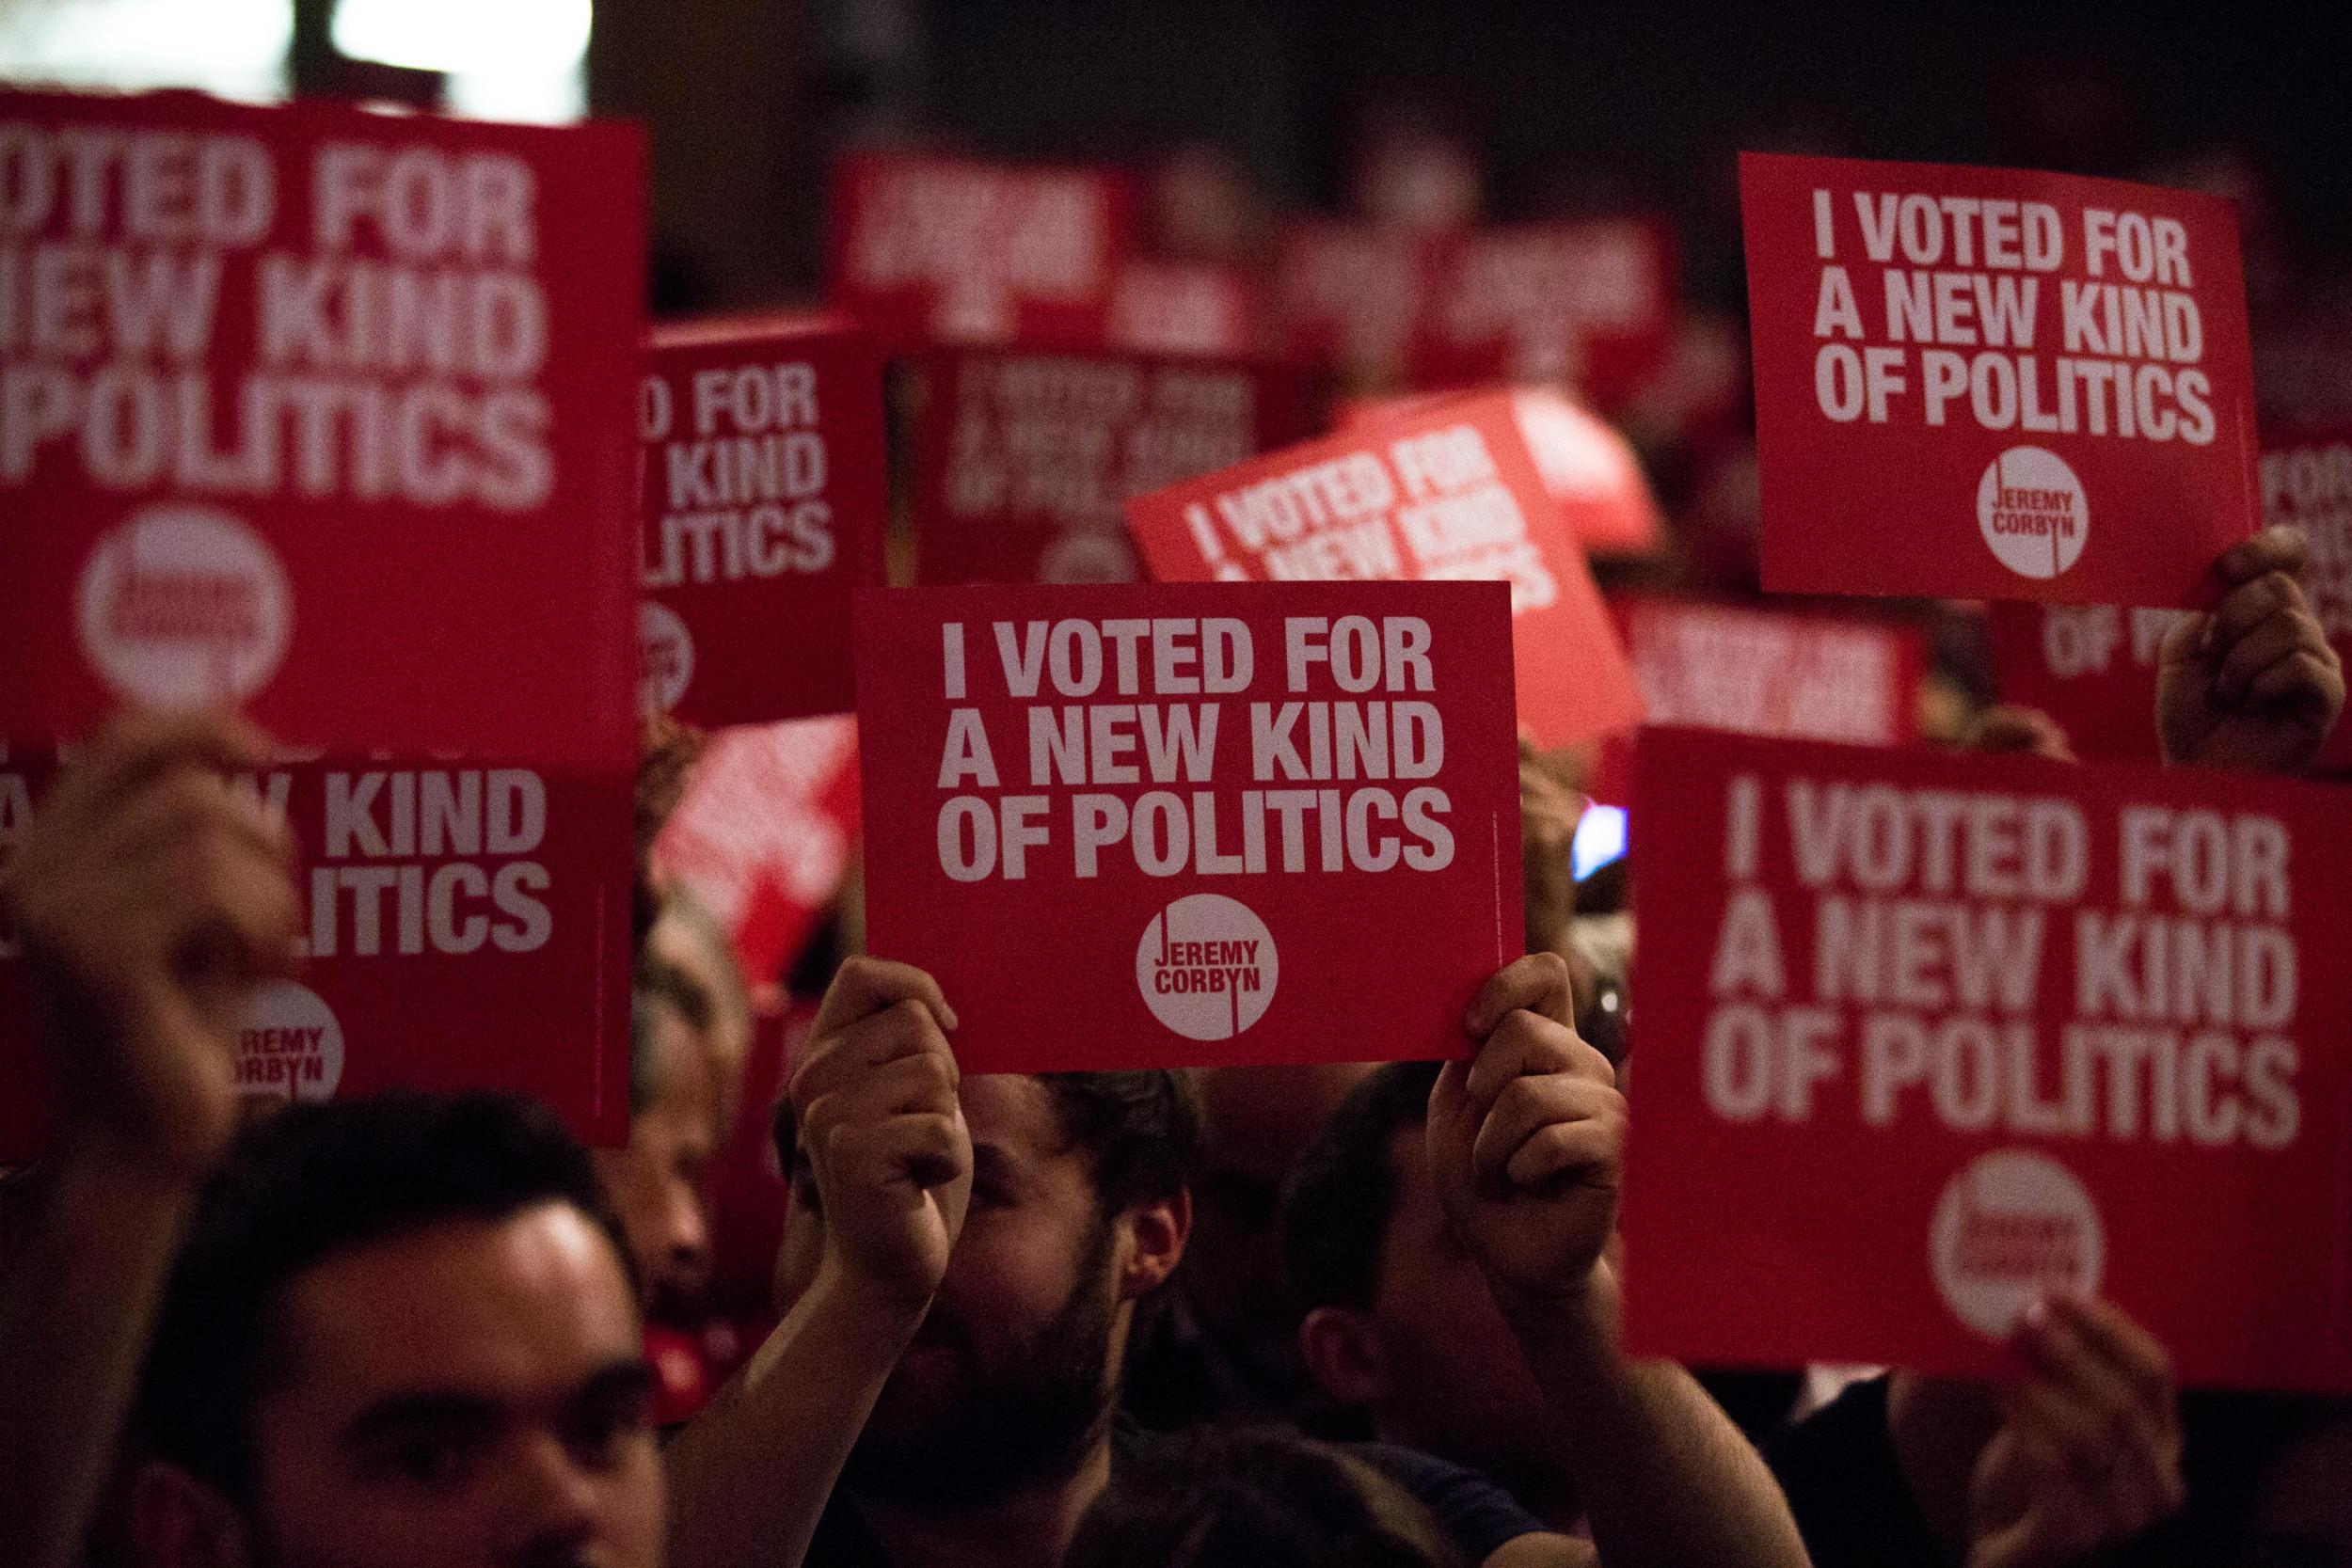 Jeremy Corbyn's Momentum activist network announces mass voter registration campaign